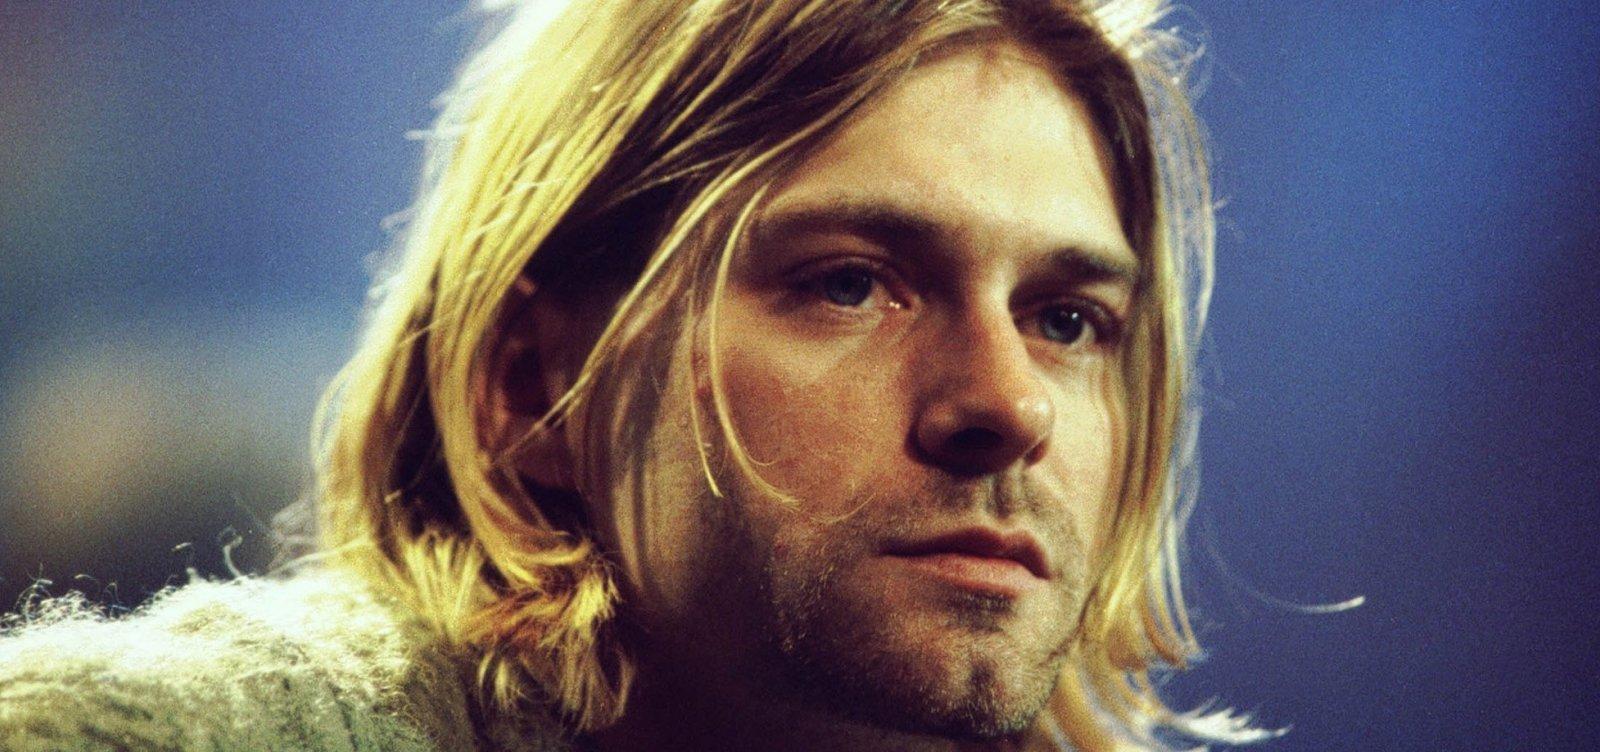 [Em entrevista inédita, Kurt Cobain critica misoginia no rap: 'Nem consigo ouvir']